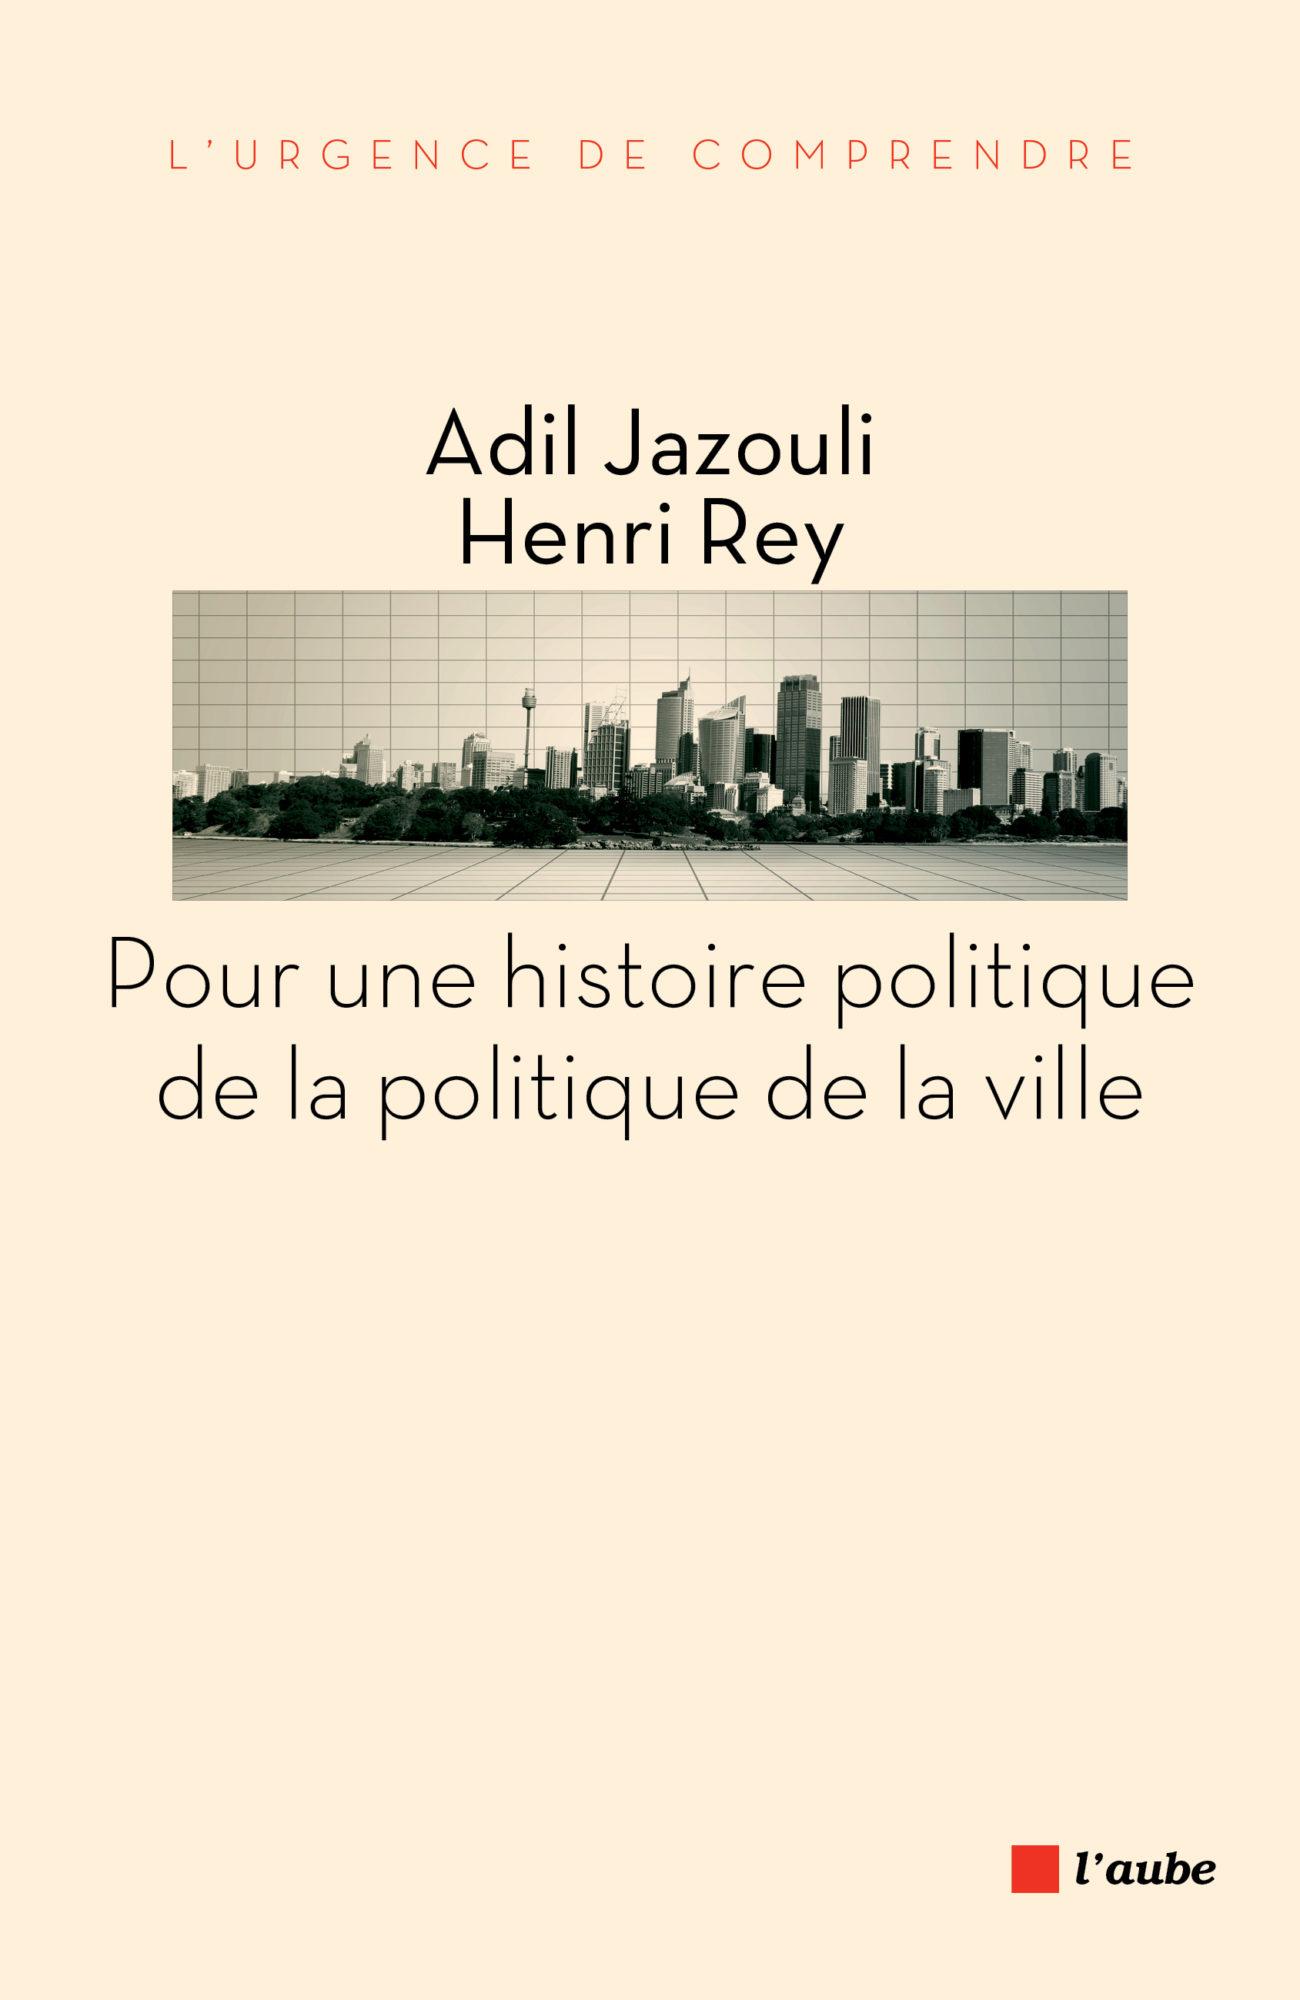 Pour une histoire politique de la politique de la ville